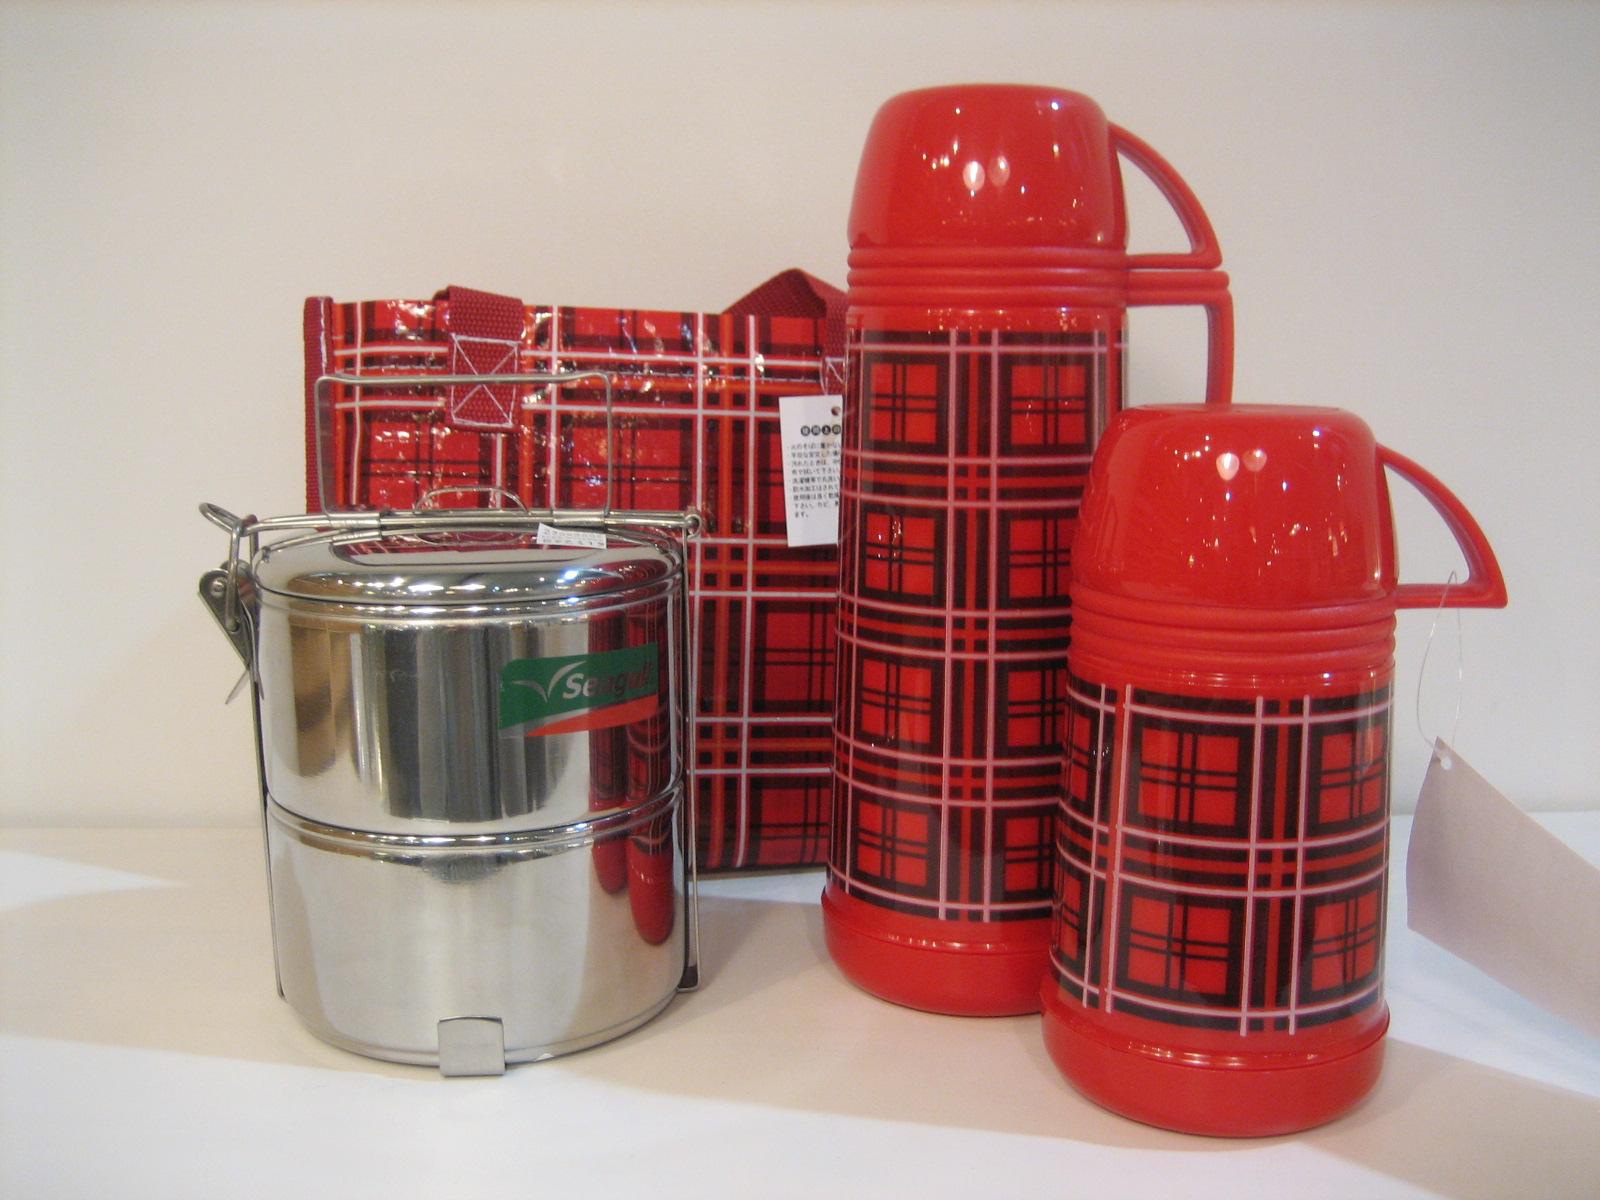 水筒のカビを取ってピカピカに!水筒の正しい洗い方&カビ予防方法のサムネイル画像